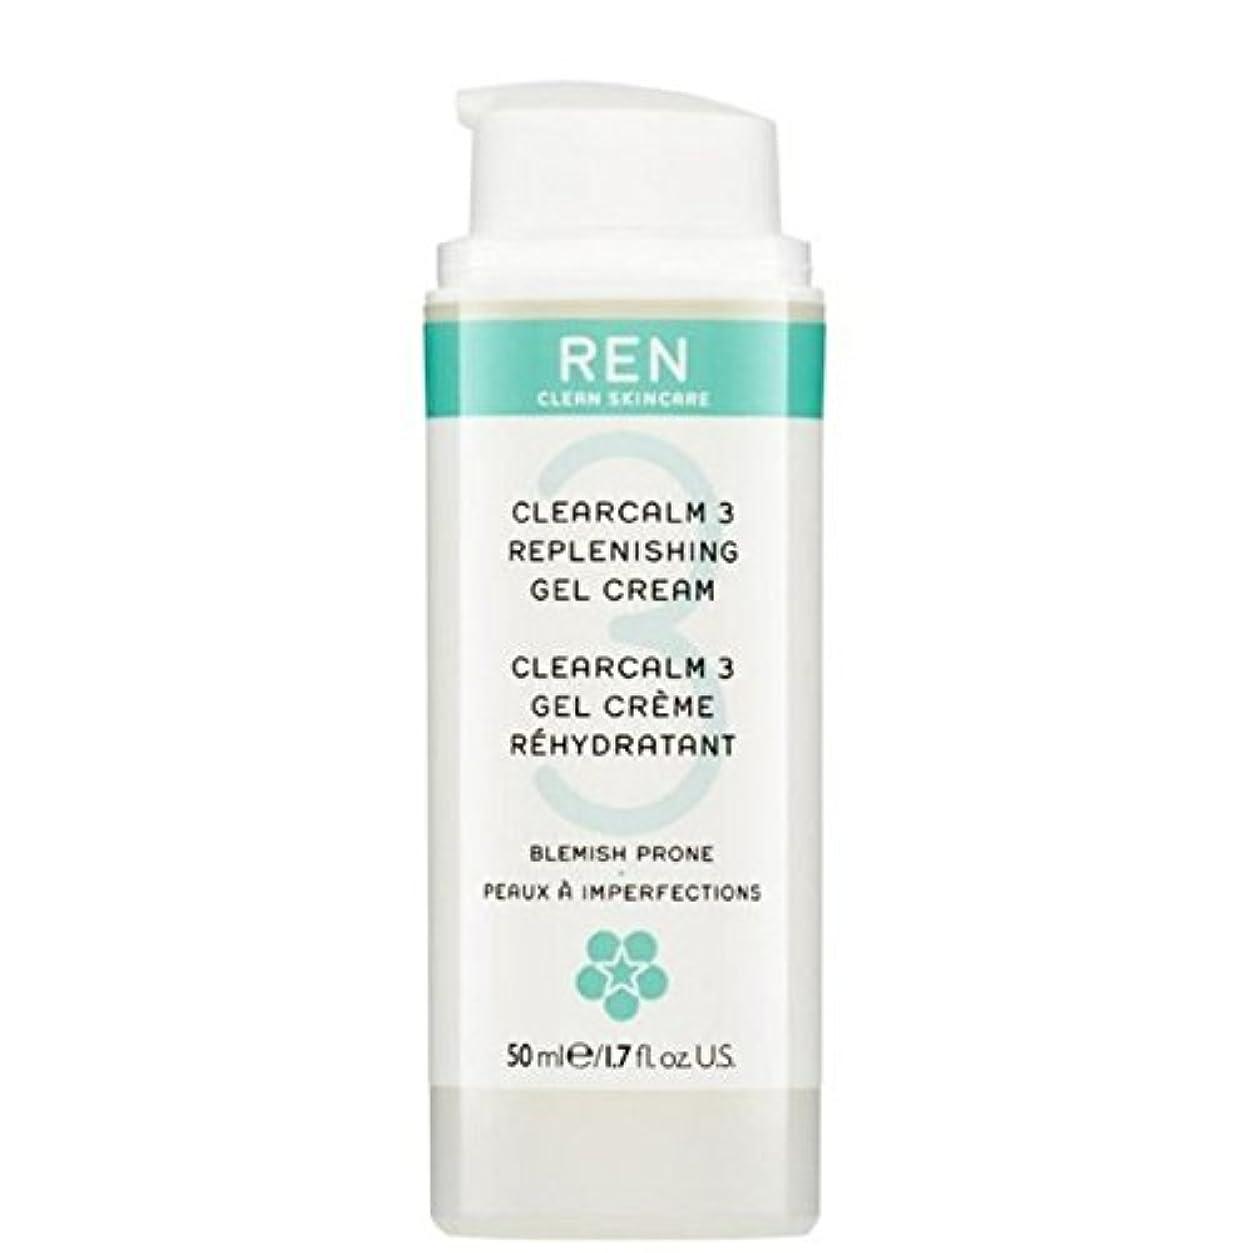 エンドウ桃ドナー3補給ゲルクリーム x2 - REN Clearcalm 3 Replenishing Gel Cream (Pack of 2) [並行輸入品]